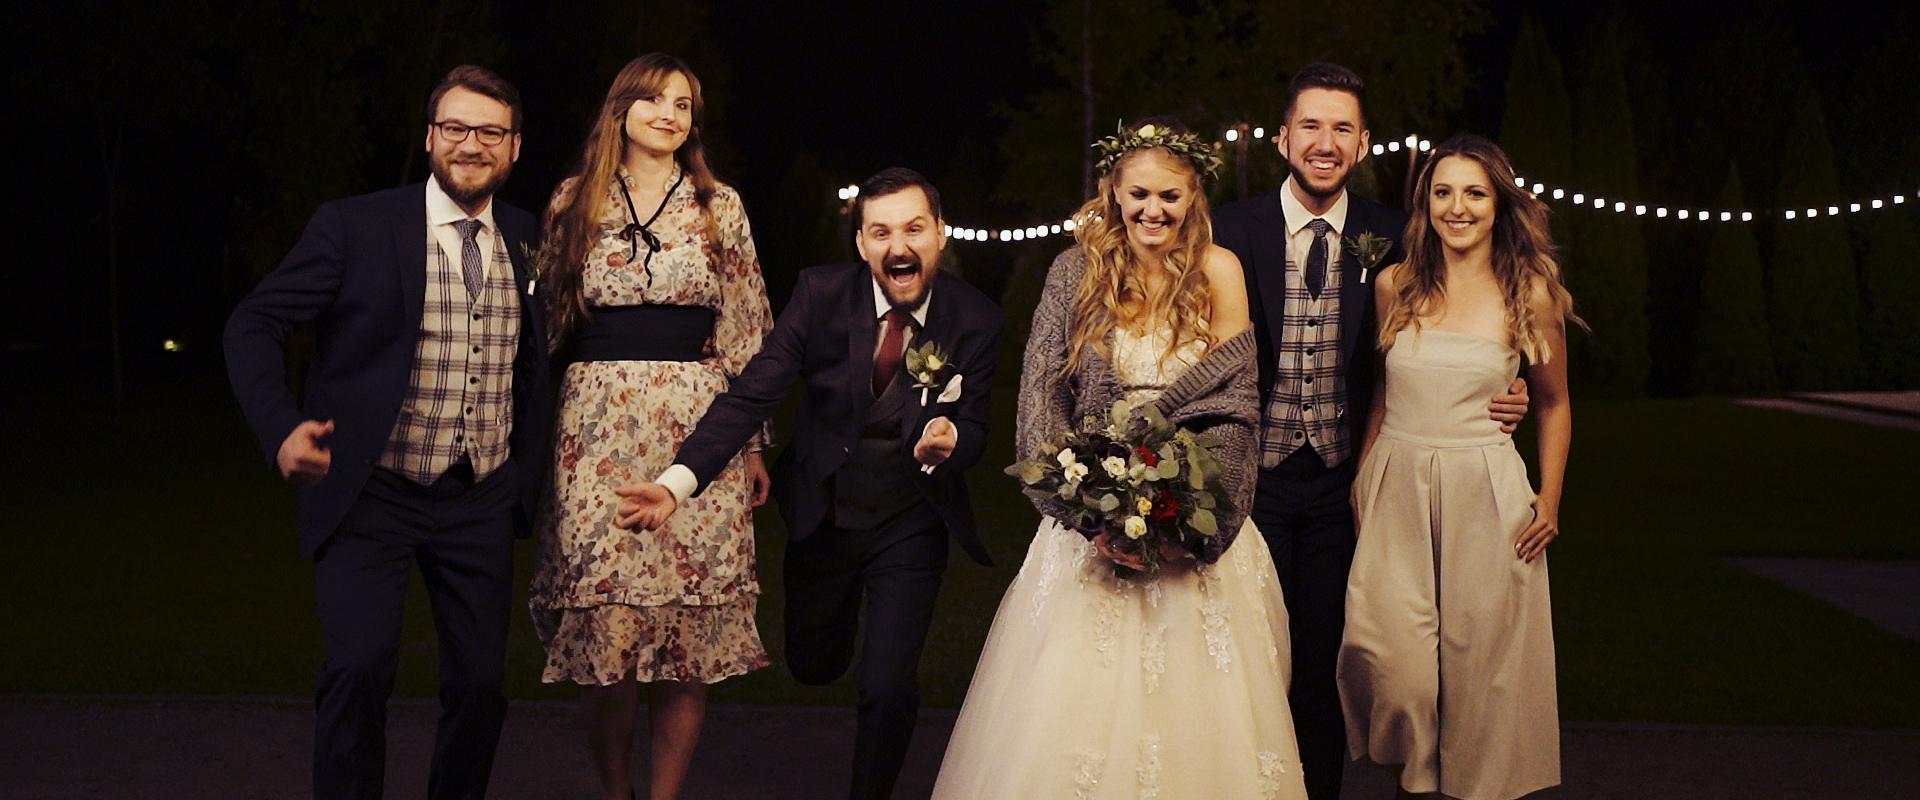 niesamowity film ślubny